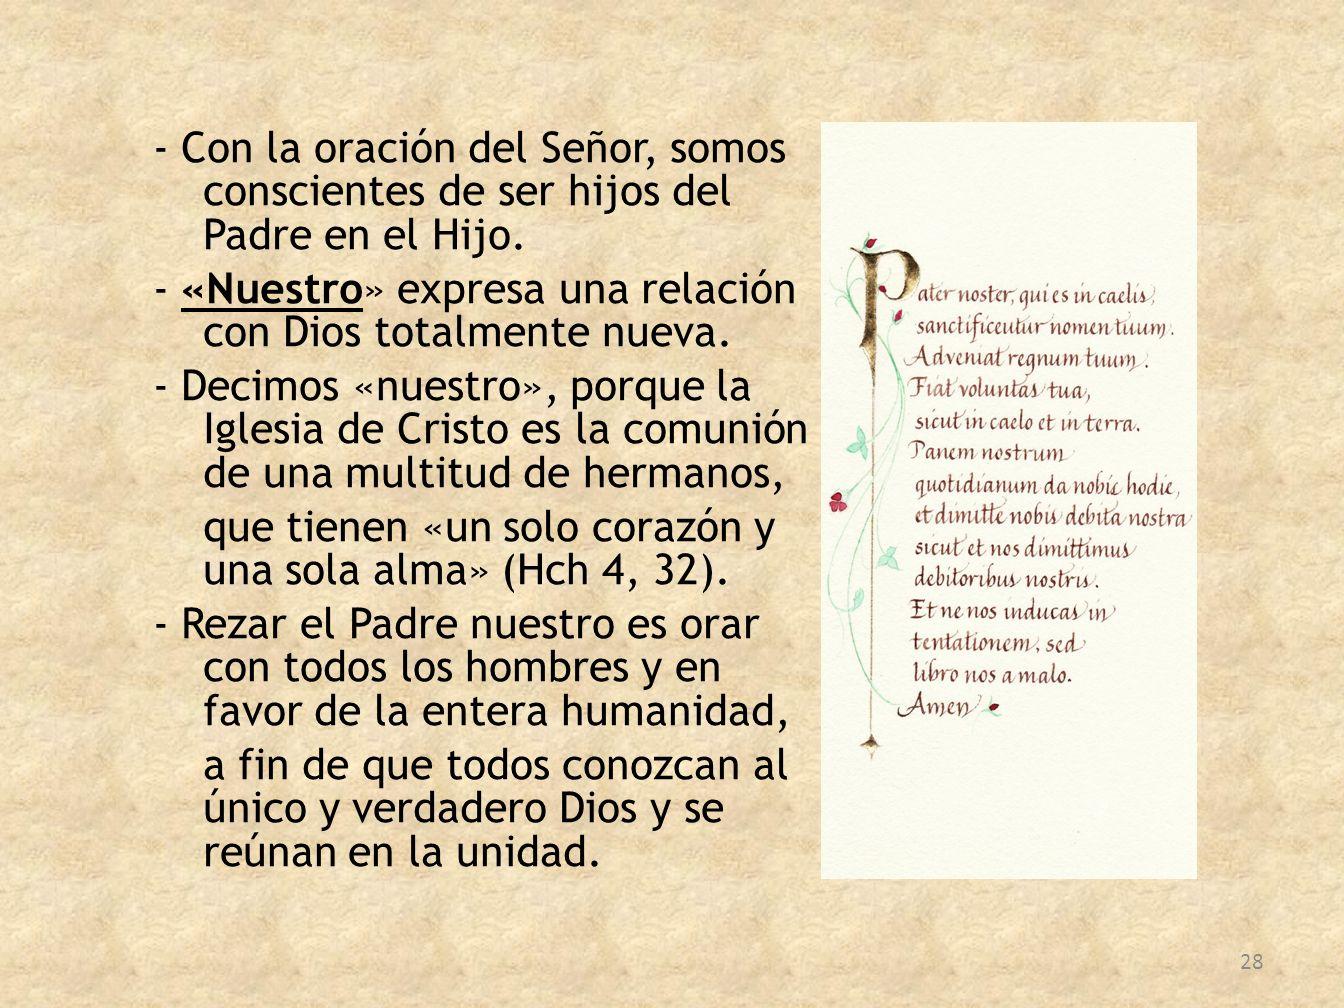 - Con la oración del Señor, somos conscientes de ser hijos del Padre en el Hijo.